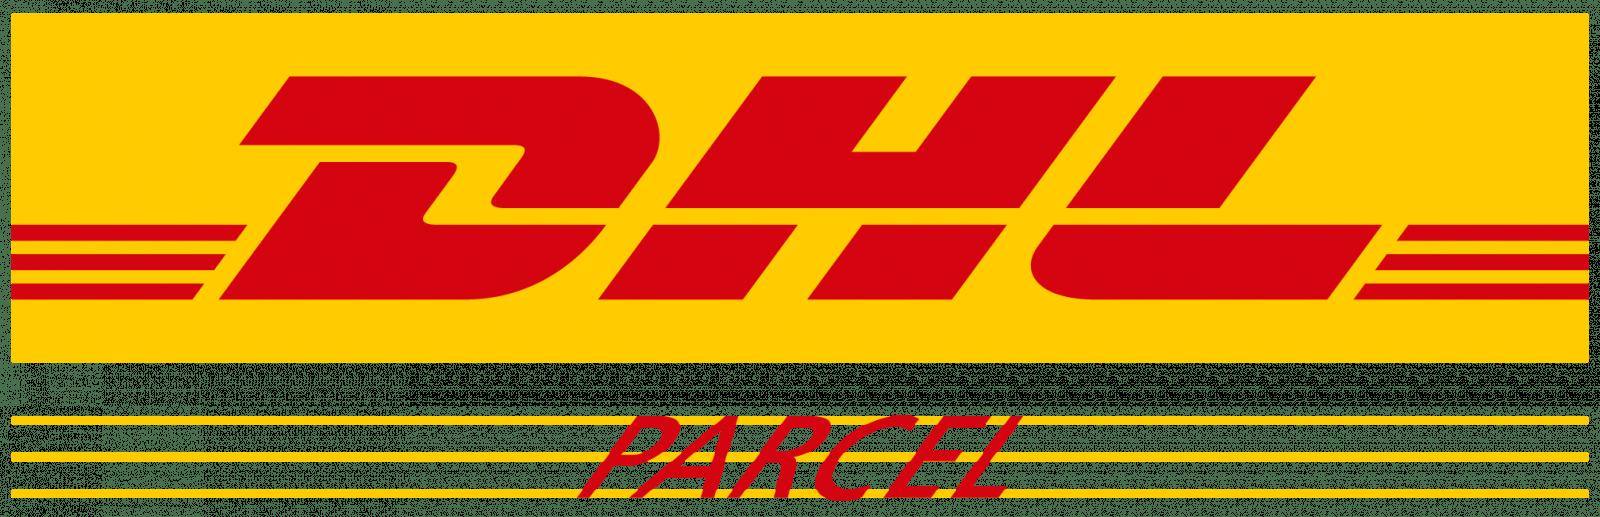 DHL-parcel-logo